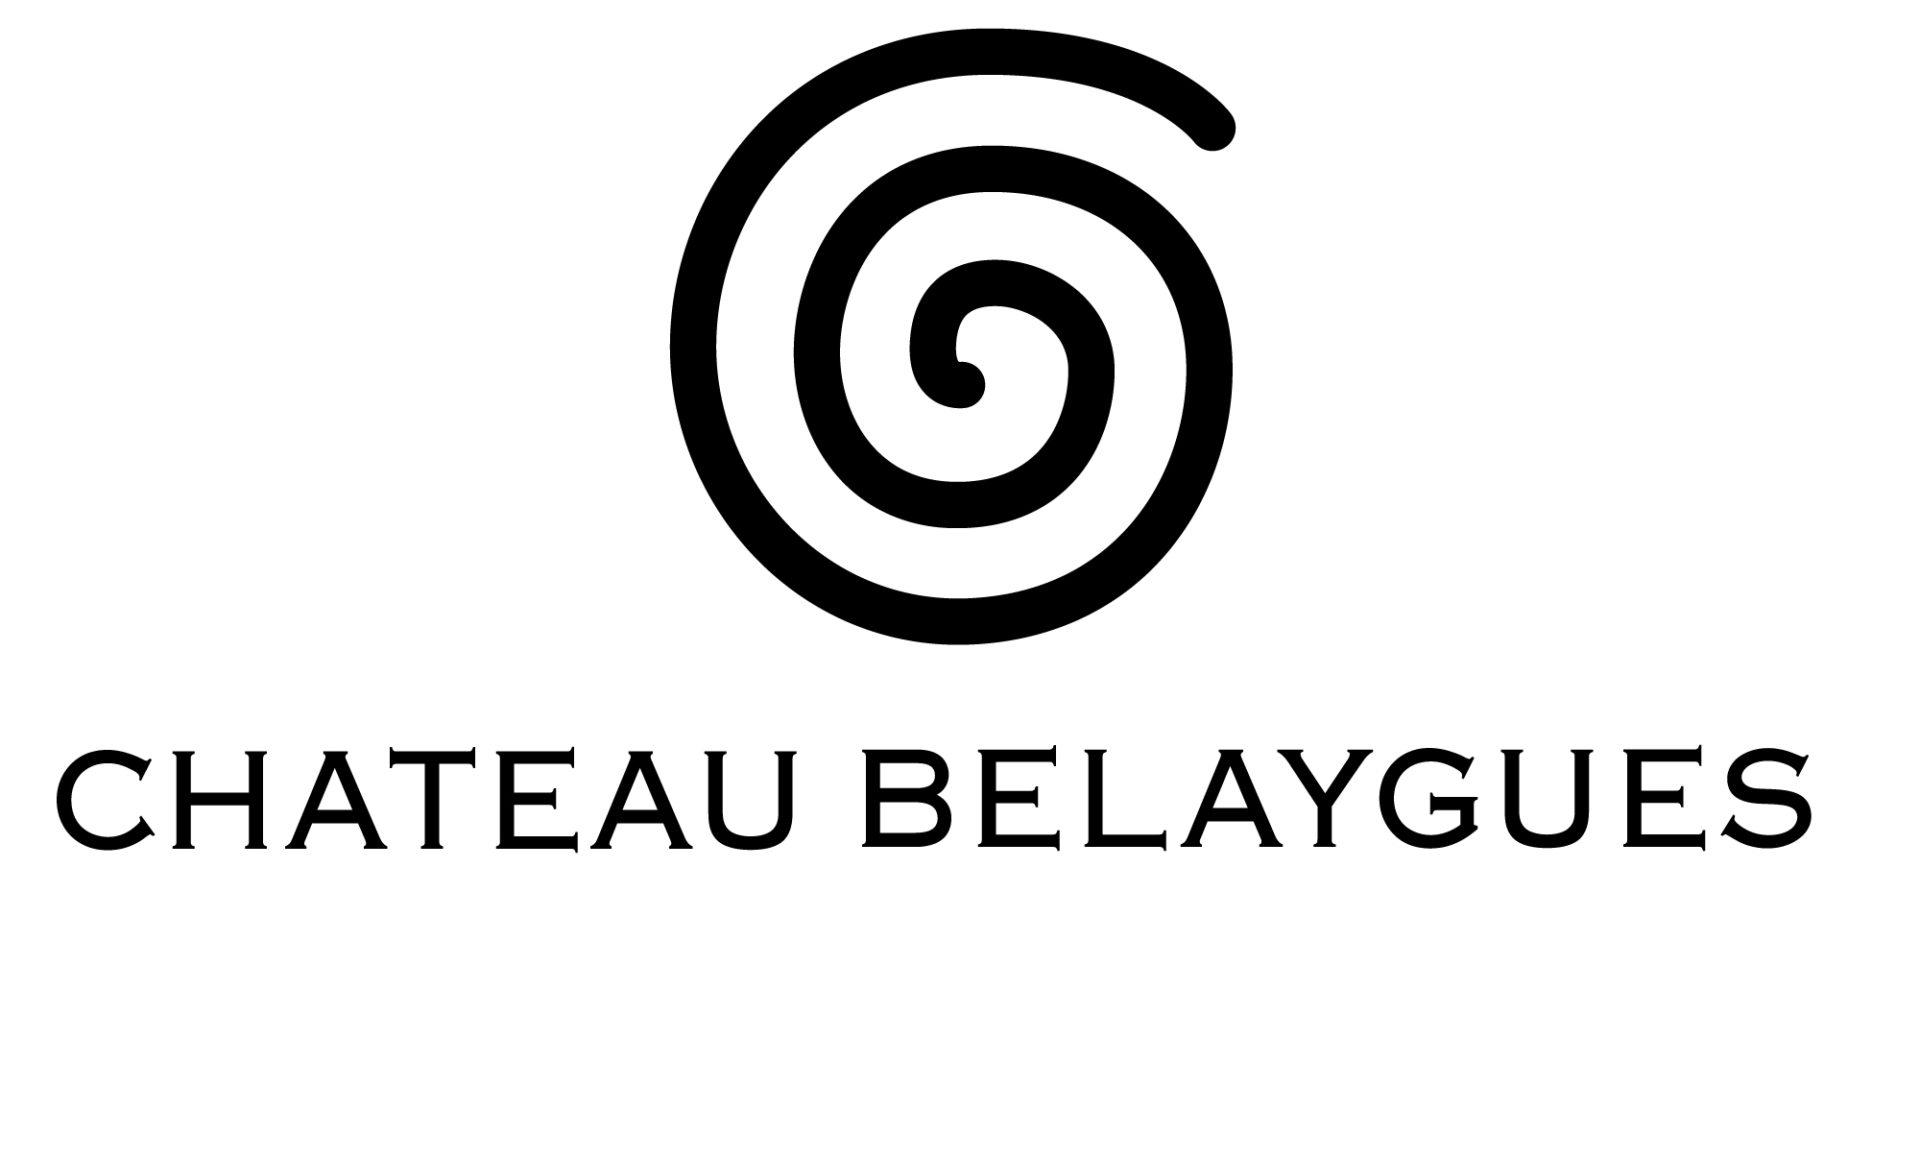 Château de Belaygues